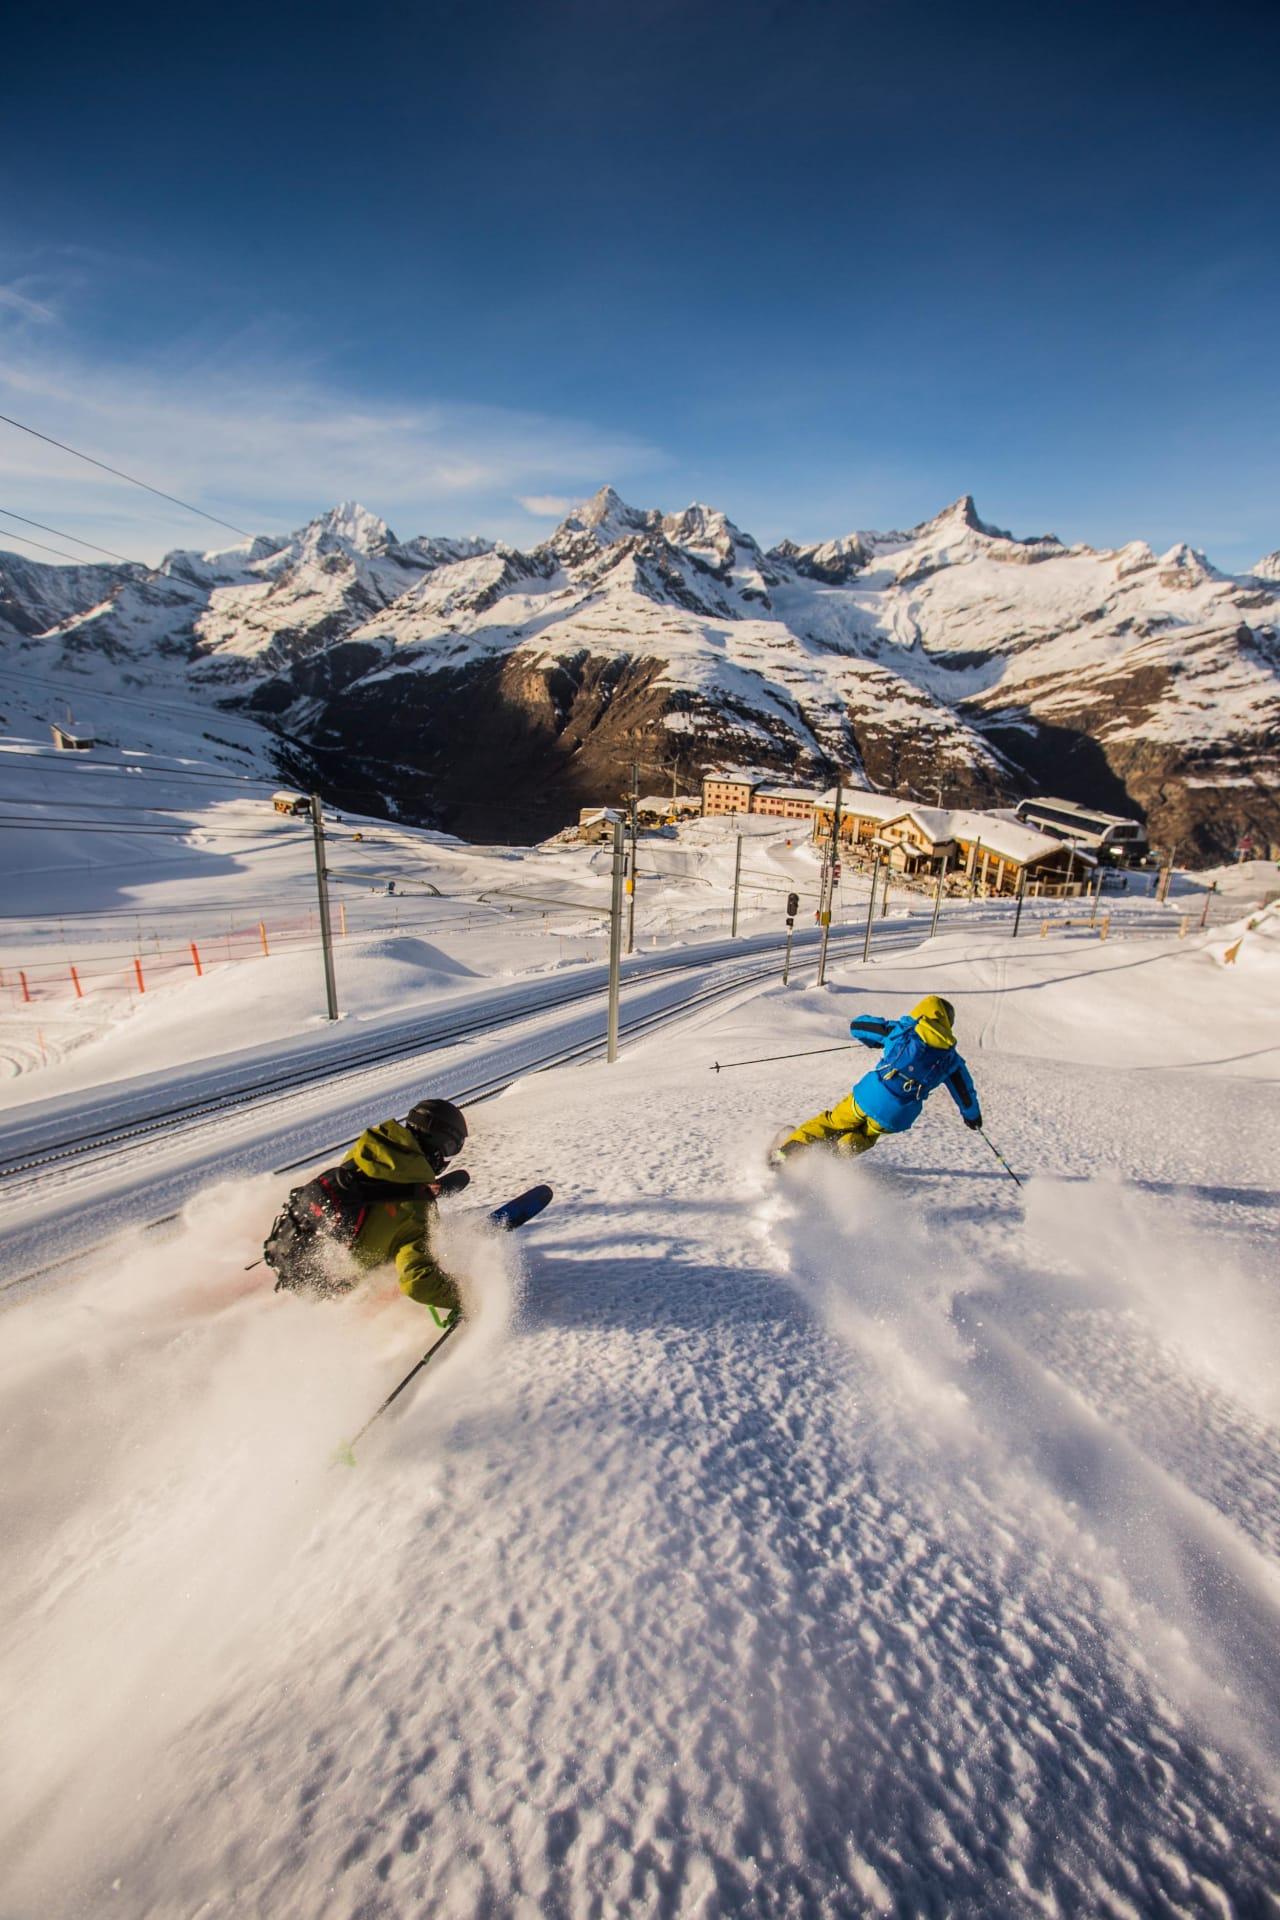 LETT TILGJENGELIG: Du trenger ikke lete lenge for å finne fin frikjøring i Zermatt. Vivian Bruchez (til høyre) og Sam Anthamatten viser fotografen ryggen idet de setter fart langs Gornergratbahn – Europas høyeste, åpne jernbane. Foto: Dominique Daher